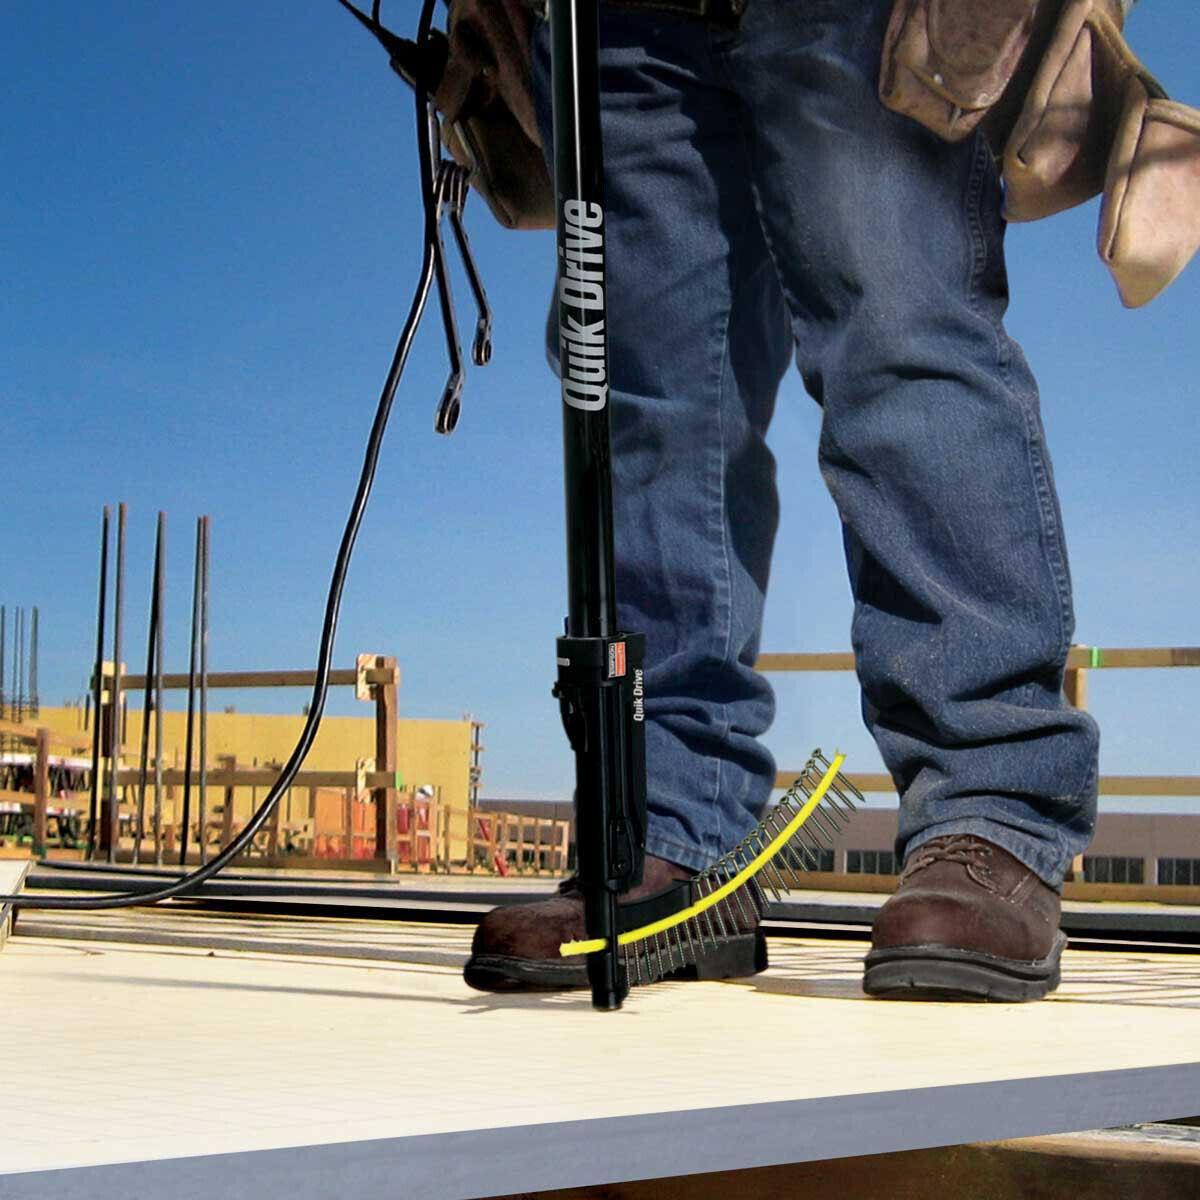 Wood Deck Fastening Screw Gun